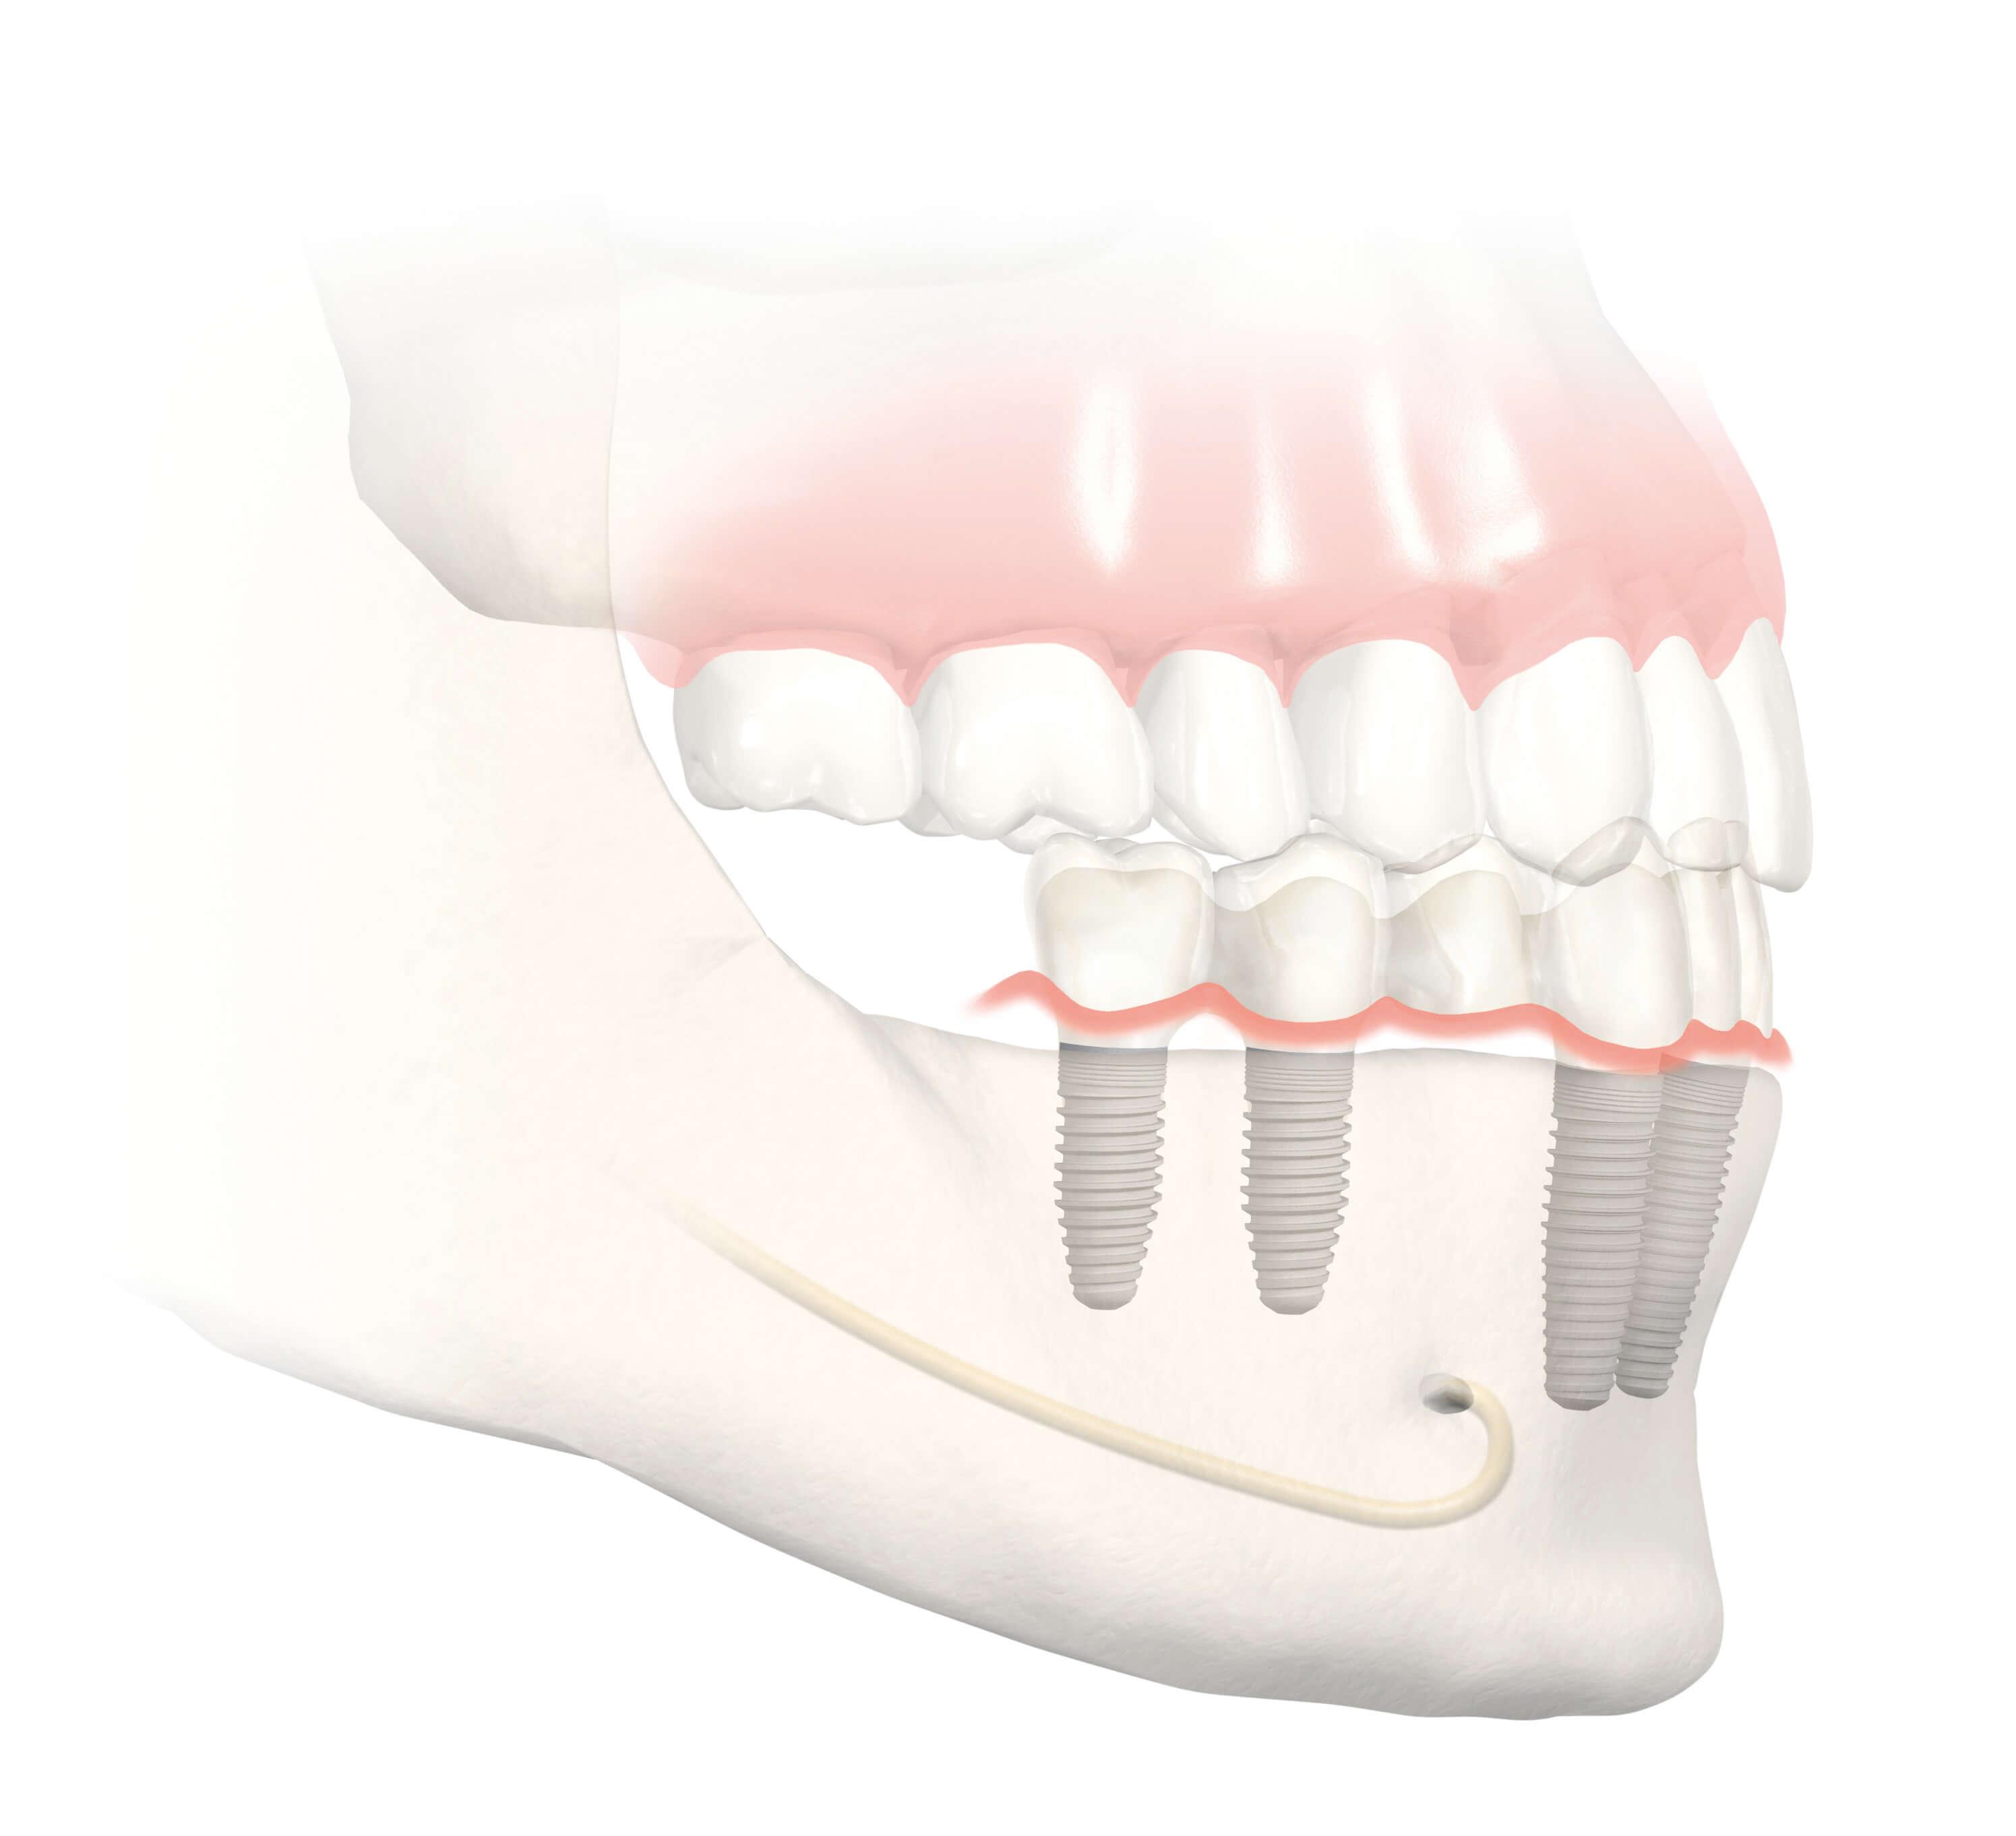 Kurze Zahnimplantate im Unterkiefer: Gute Lösung bei Knochenschwund